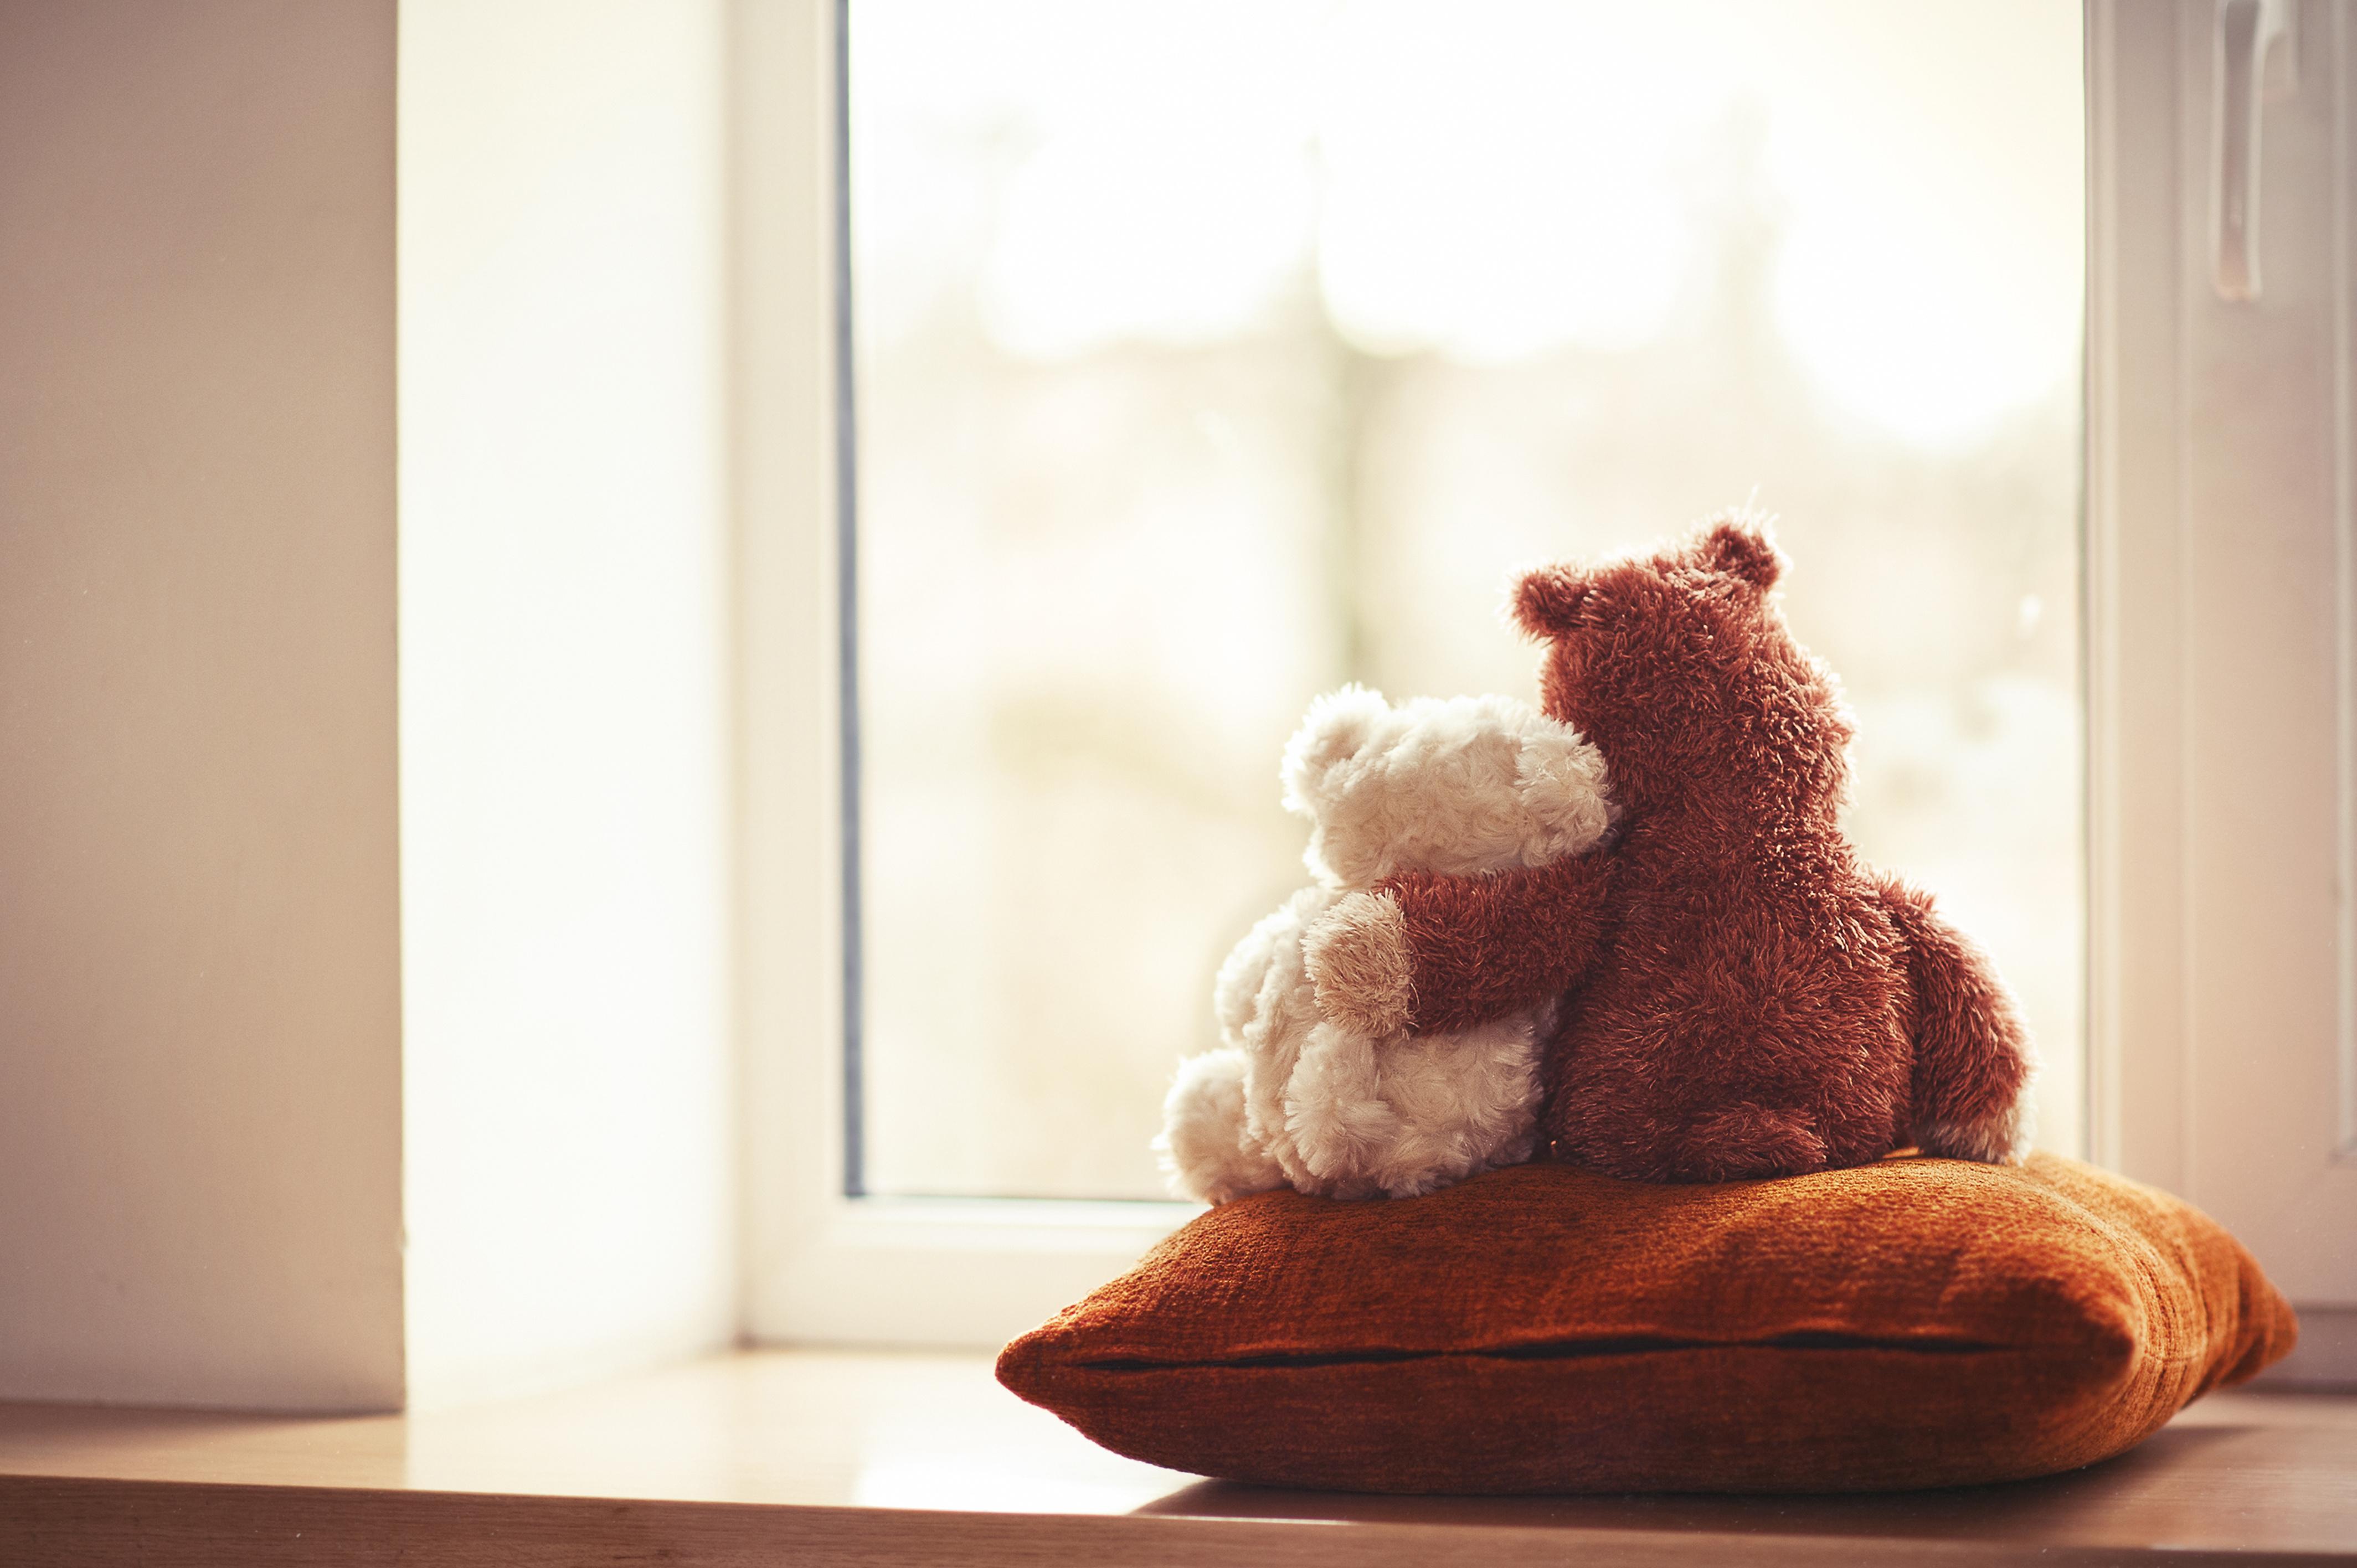 любовь игрушка  № 3437476 бесплатно